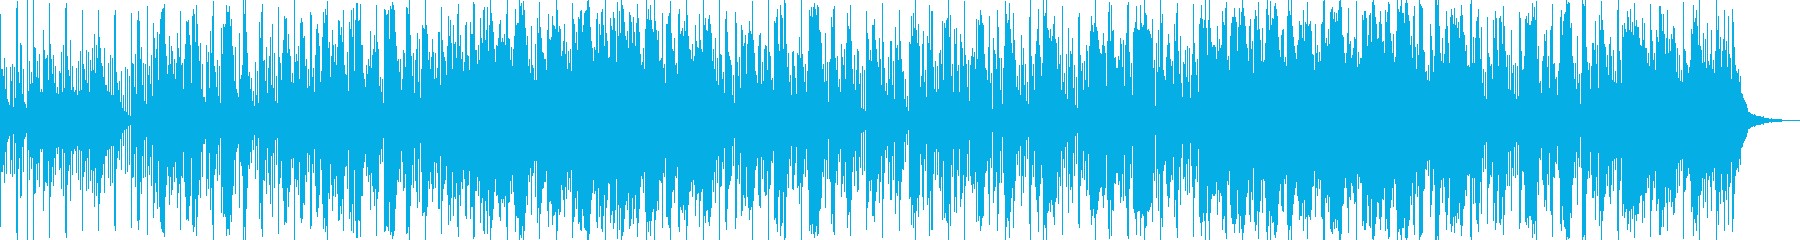 ロマンティックソウルジャズの再生済みの波形